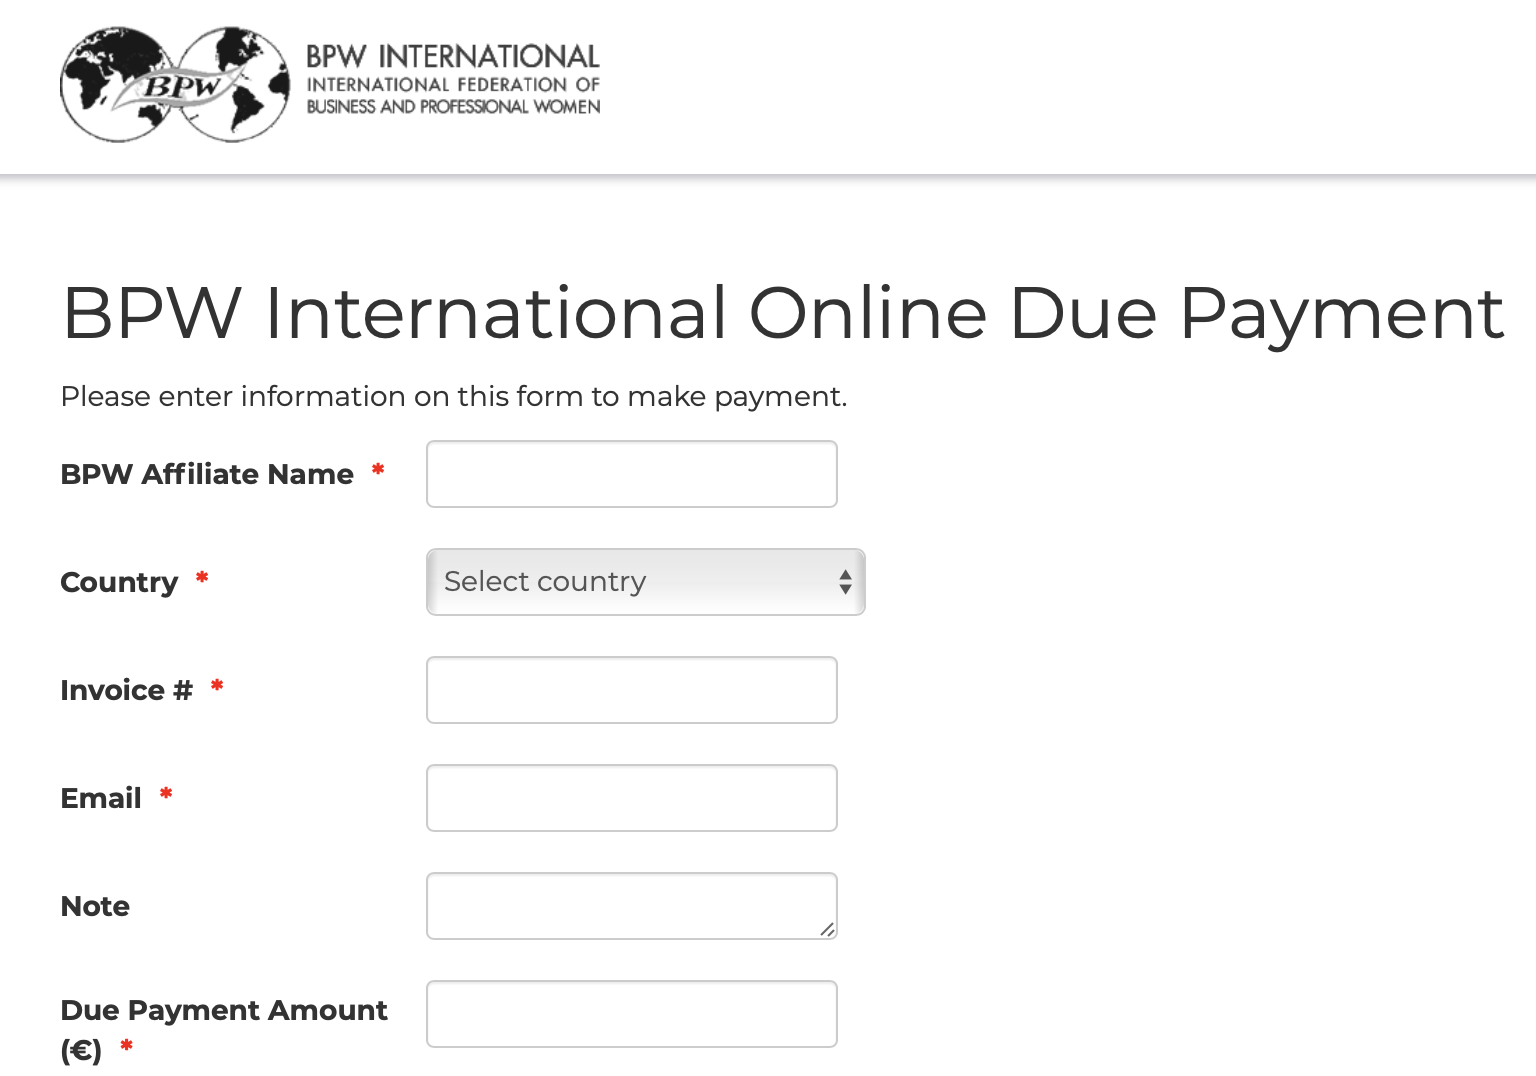 BPW International Online Due Payment